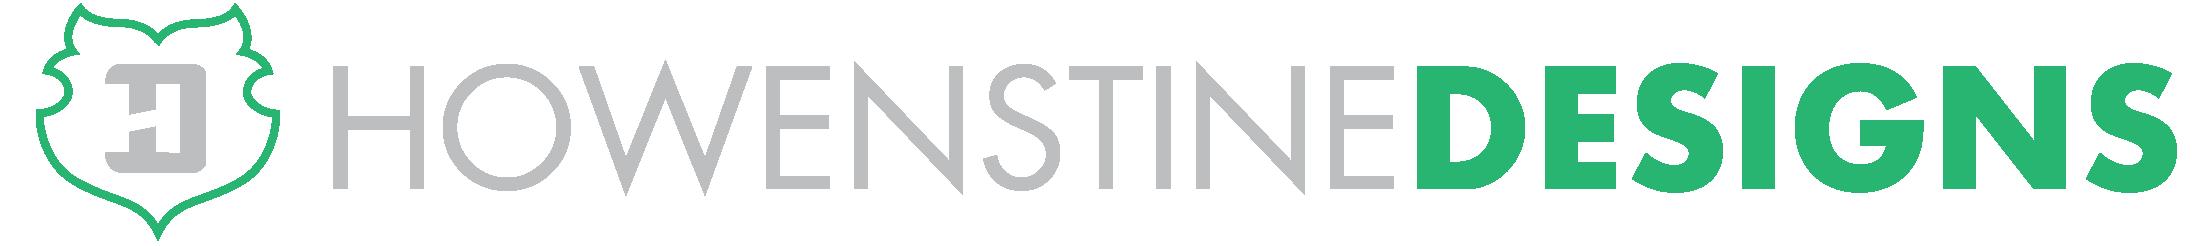 Howenstine Designs Logo